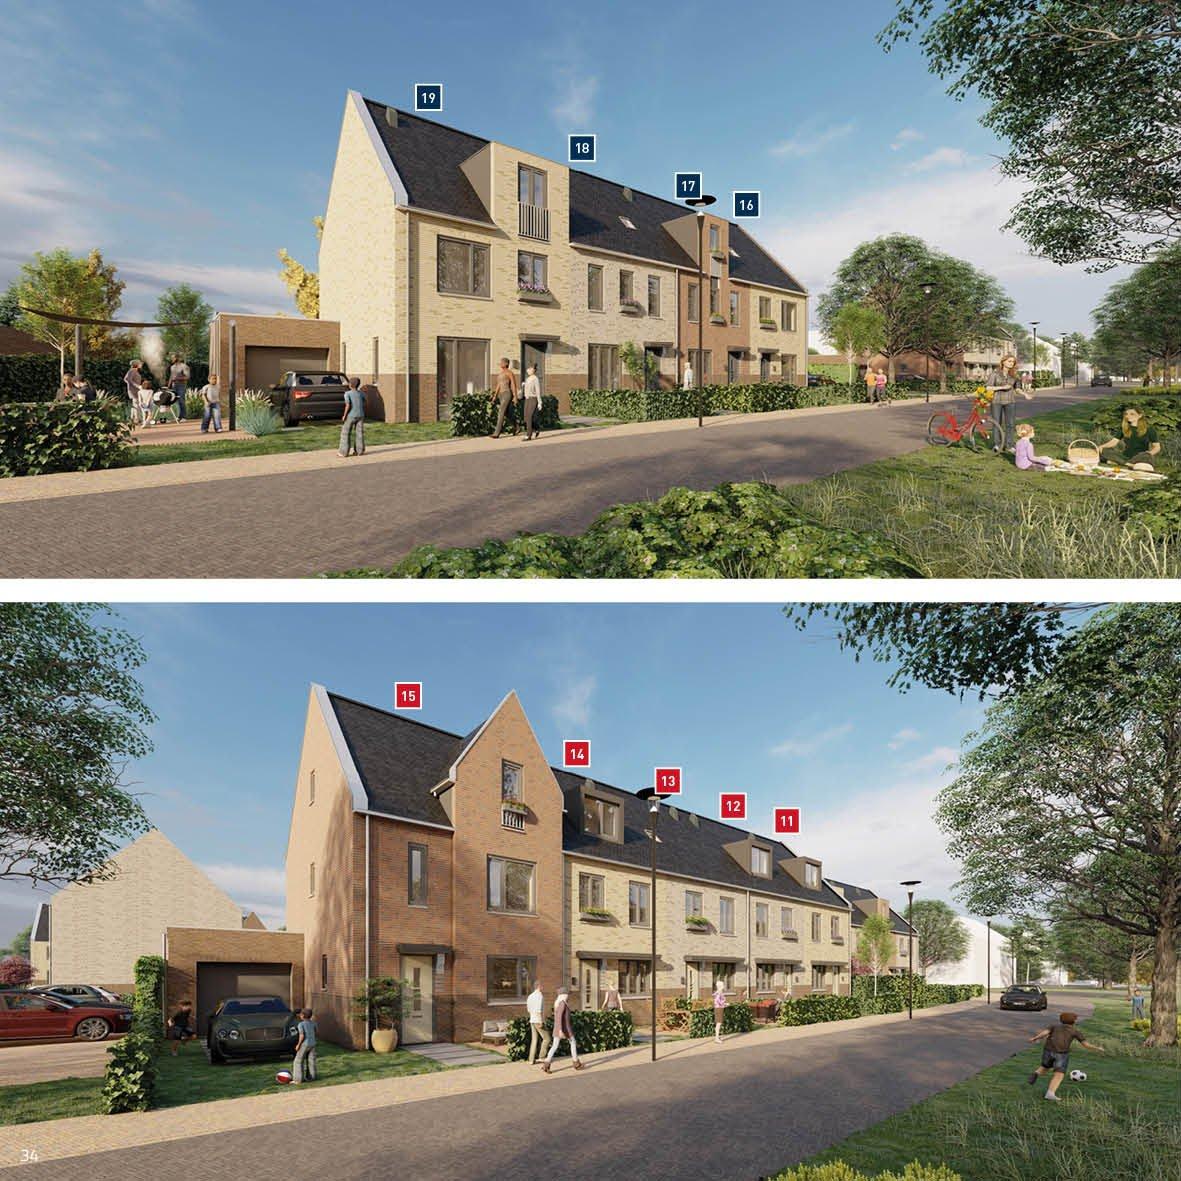 IN VERKOOP Wonen in Stommeerhoff In het plan Polderzoom fase 2 komt een bijzonder woongebied: STOMMEERHOFF. In Stommeerhoff woont u wellicht op één van de mooiste plekken van Aalsmeer. Polderzoom fase 1 is inmiddels afgerond en bewoond. Binnenkort wordt gestart met Polderzoom fase 2, waarvan Stommeerhoff de eerste fase zal zijn met in totaal 48 woningen. Stommeerhoff is goed bereikbaar, gelegen in een groene omgeving met de dynamiek van de randstad op korte afstand. In Stommeerhoff is ruimte voor zowel jong als oud. In de nabijheid ligt een keur aan recreatiemogelijkheden; op 10 minuten fietsafstand de Westeinder Plassen, 15 minuten fietsen naar het Amsterdamse bos, maar ook op loopafstand het Seringenpark en de gezellige winkelstraat Ophelialaan. En niet te vergeten, op enkele autominuten afstand van luchthaven Schiphol. De ontsluiting van Stommeerhoff vindt plaats via de nieuw aan te leggen Burgemeester Hoffscholteweg, die de N196 (Burgemeester Kasteleinweg) verbind met de Aalsmeerderweg […]